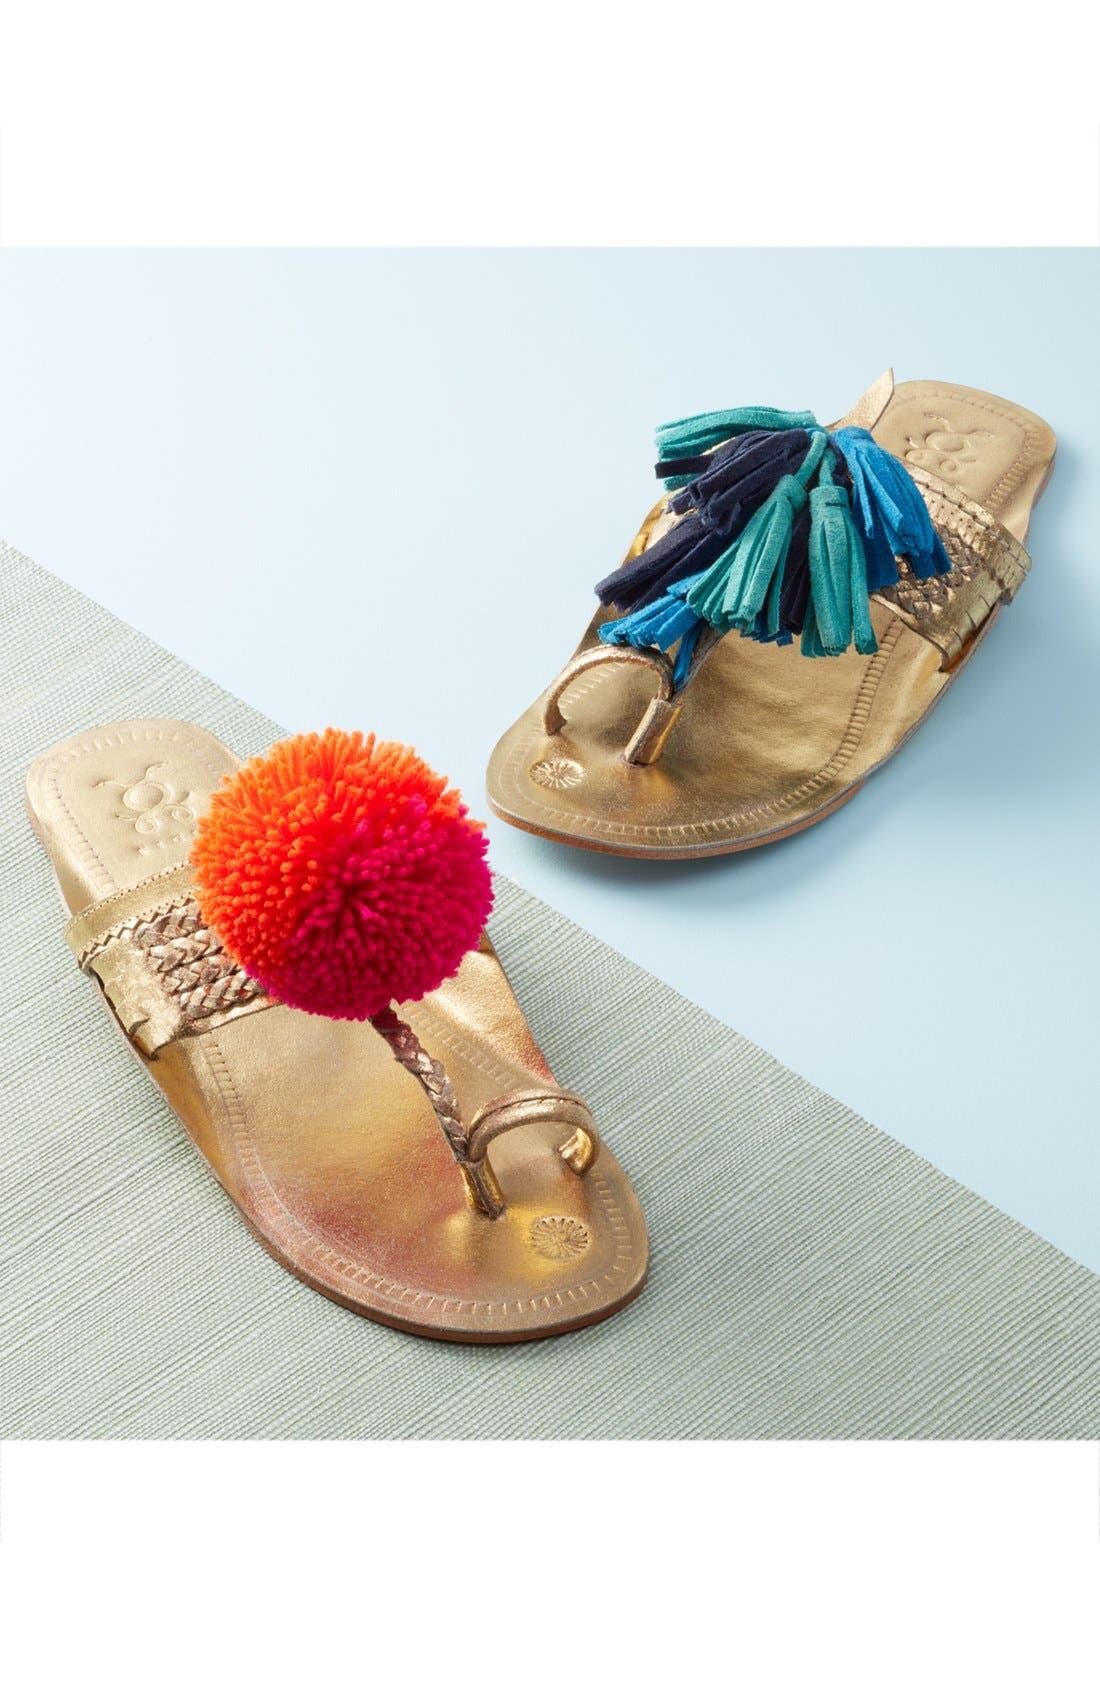 Scaramouch Tassel Sandal,                             Alternate thumbnail 6, color,                             200